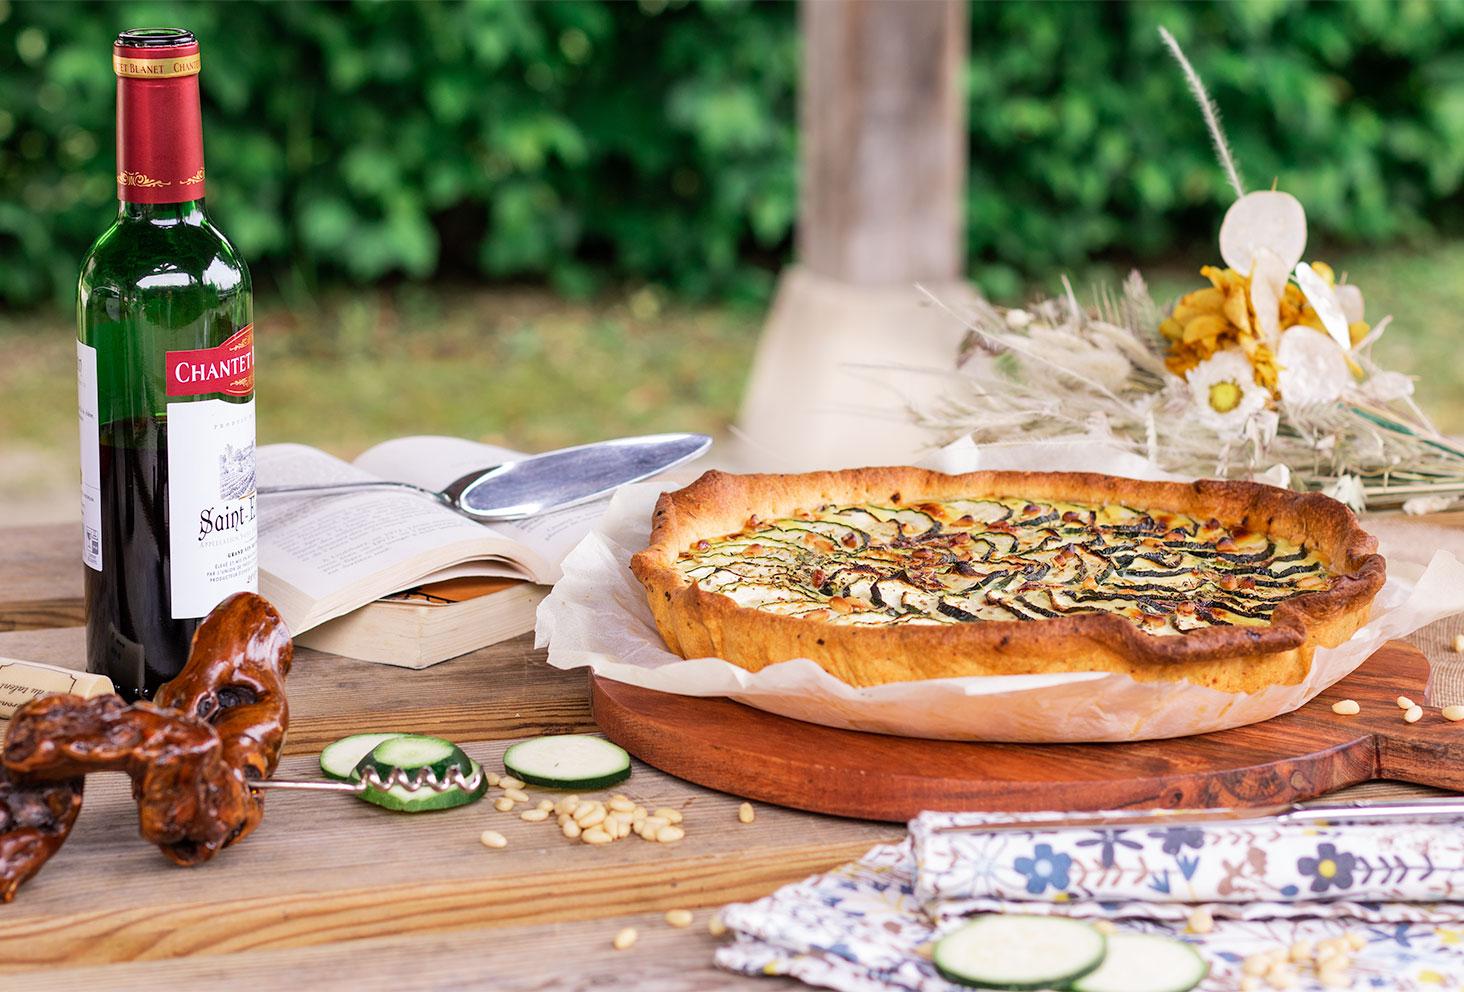 La tarte à la courgette au milieu d'un pique-nique champêtre, posée sur une grande planche à découper